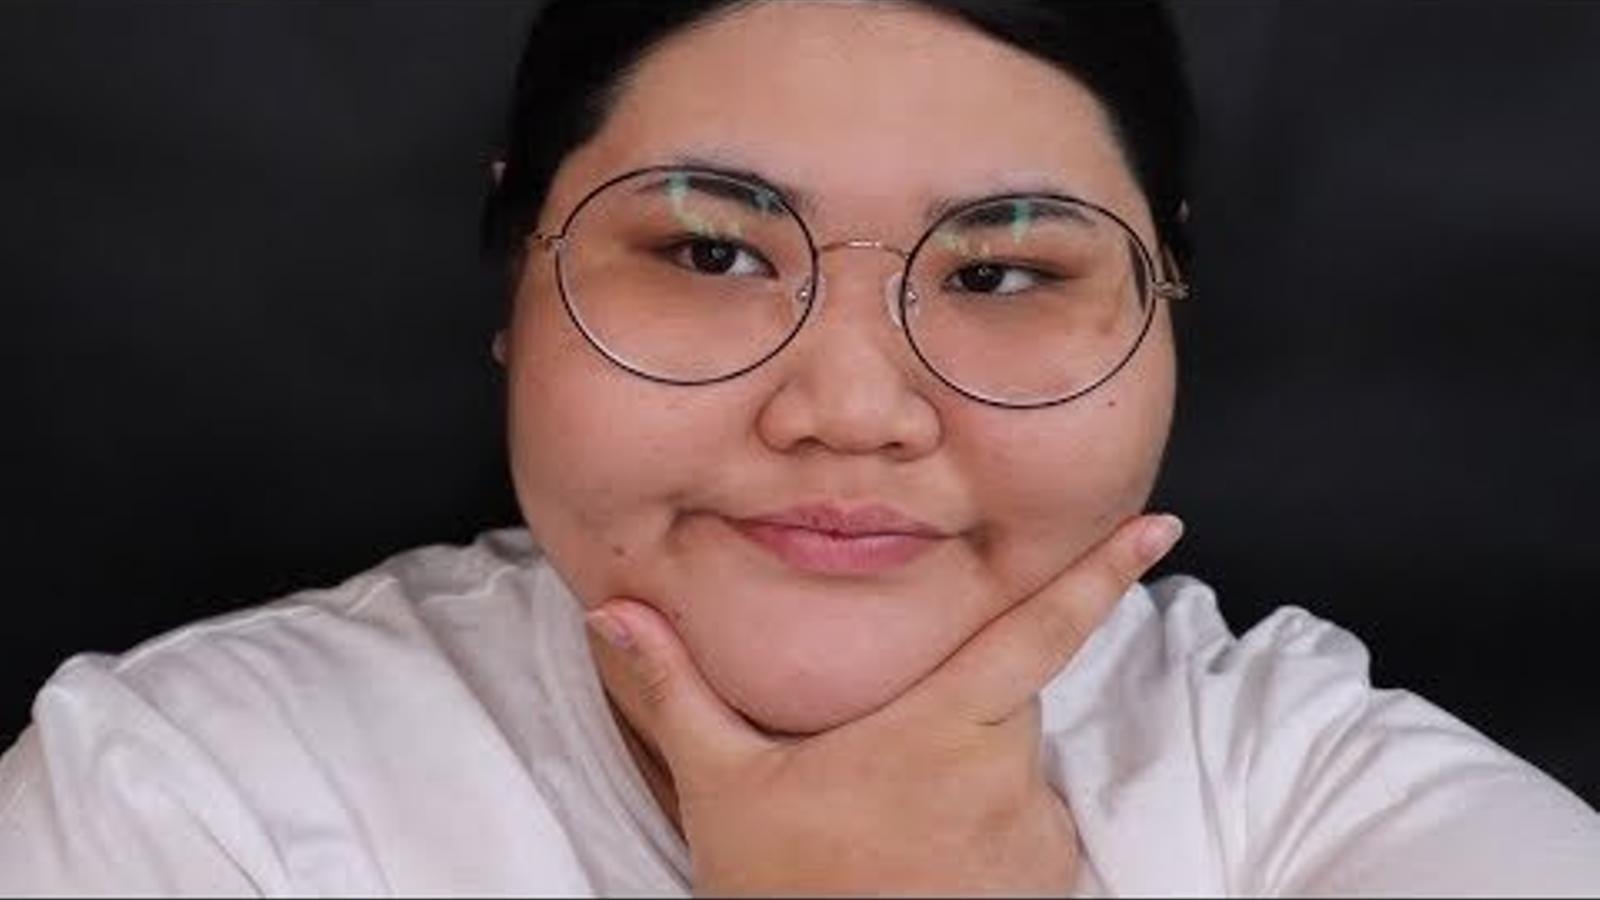 Lina Bae va publicar aquest vídeo contra l'obligació de maquillar-se